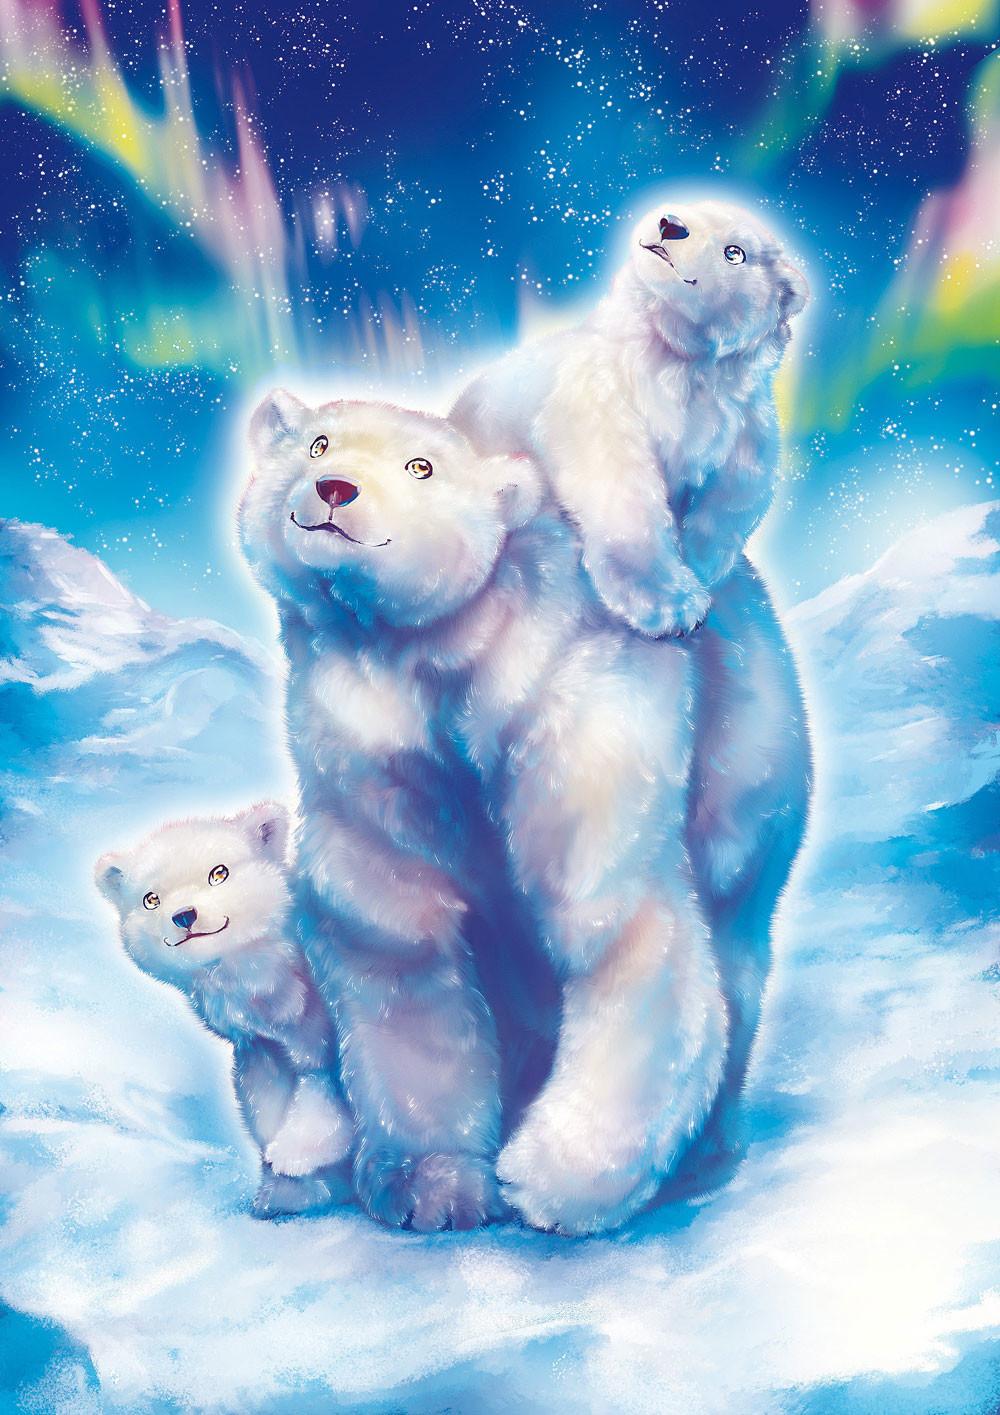 Iva vyhnankova medved2